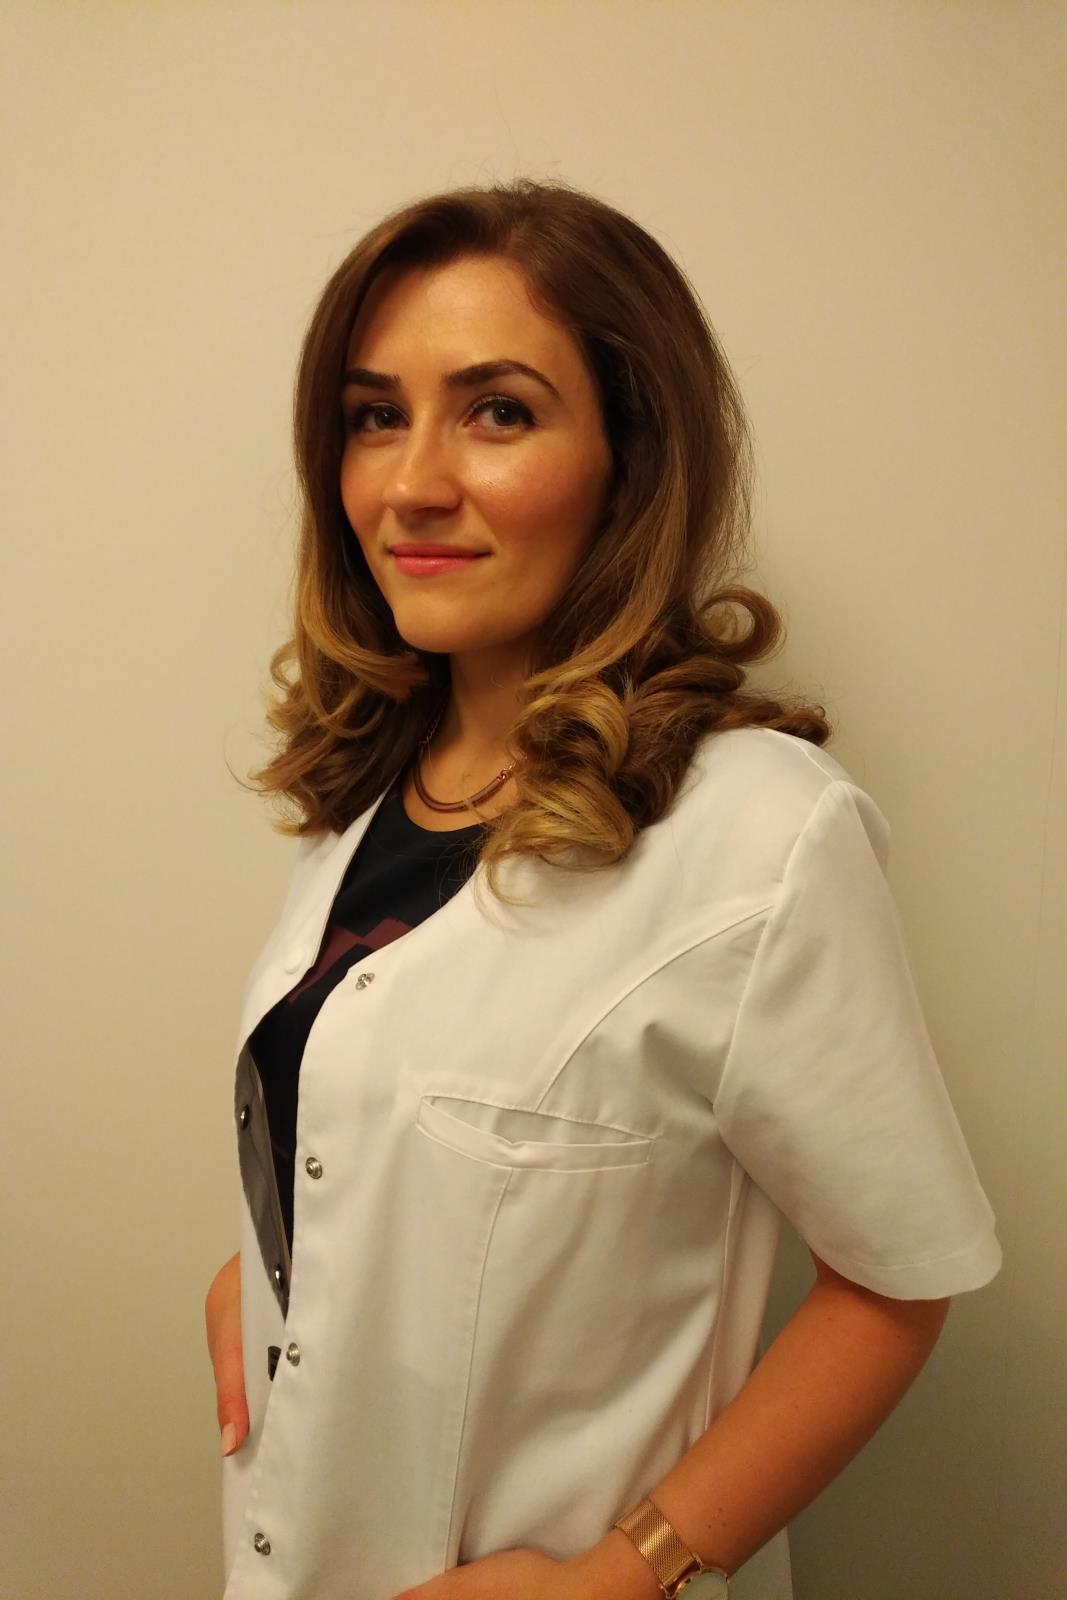 Dr. Andreea Cretu